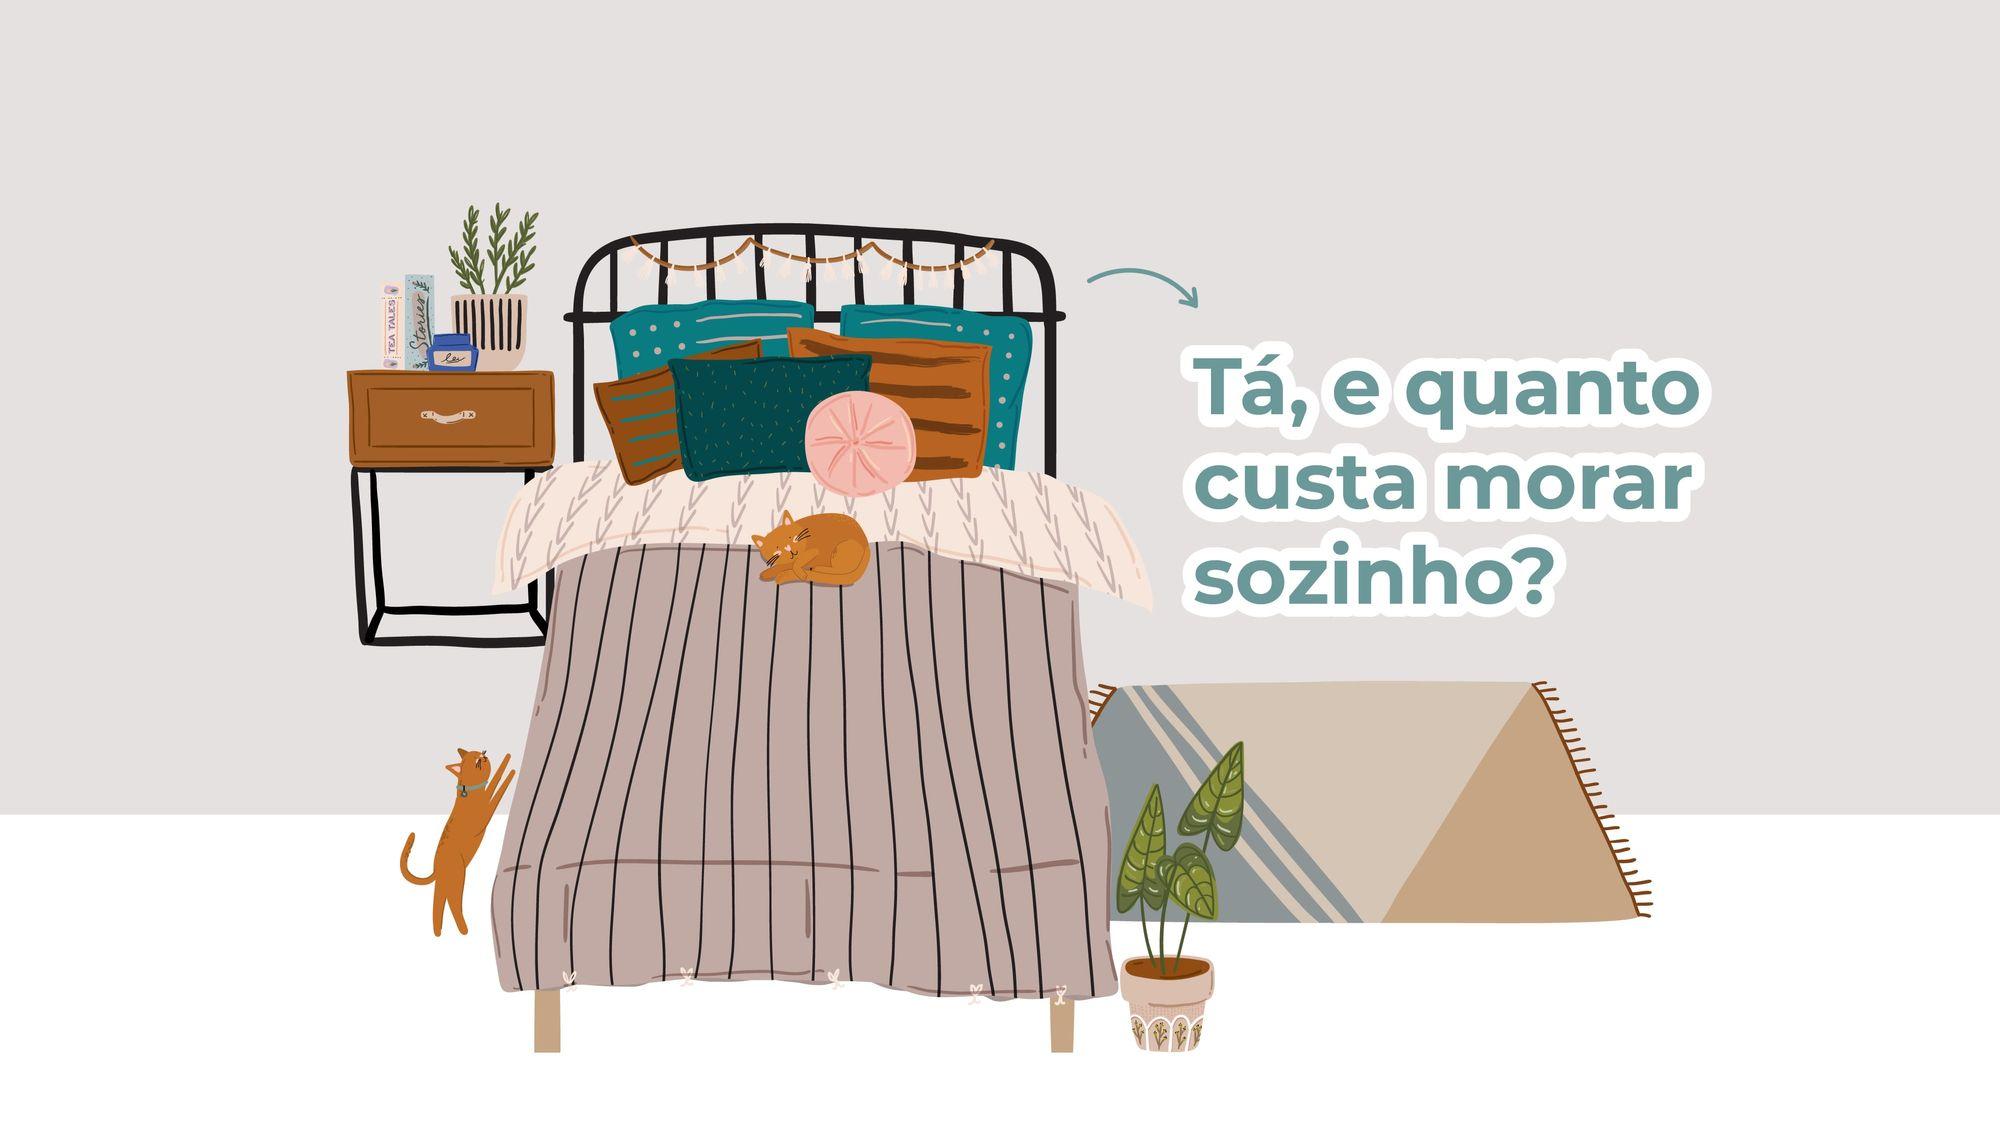 Ilustração de um quarto com cama, mesa de cabeceira, tapete, vaso de plantas e um gato